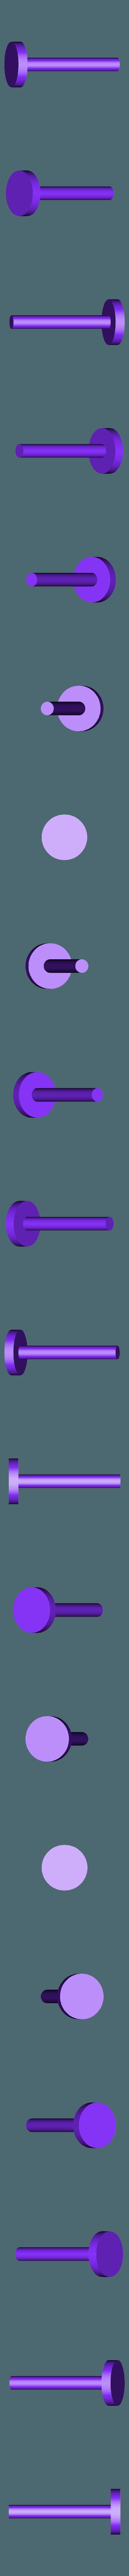 STL_S5_v20_Knob_1_.stl Download free STL file Star Wars Naboo S5 Heavy Blaster Pistol • 3D printing design, Dsk